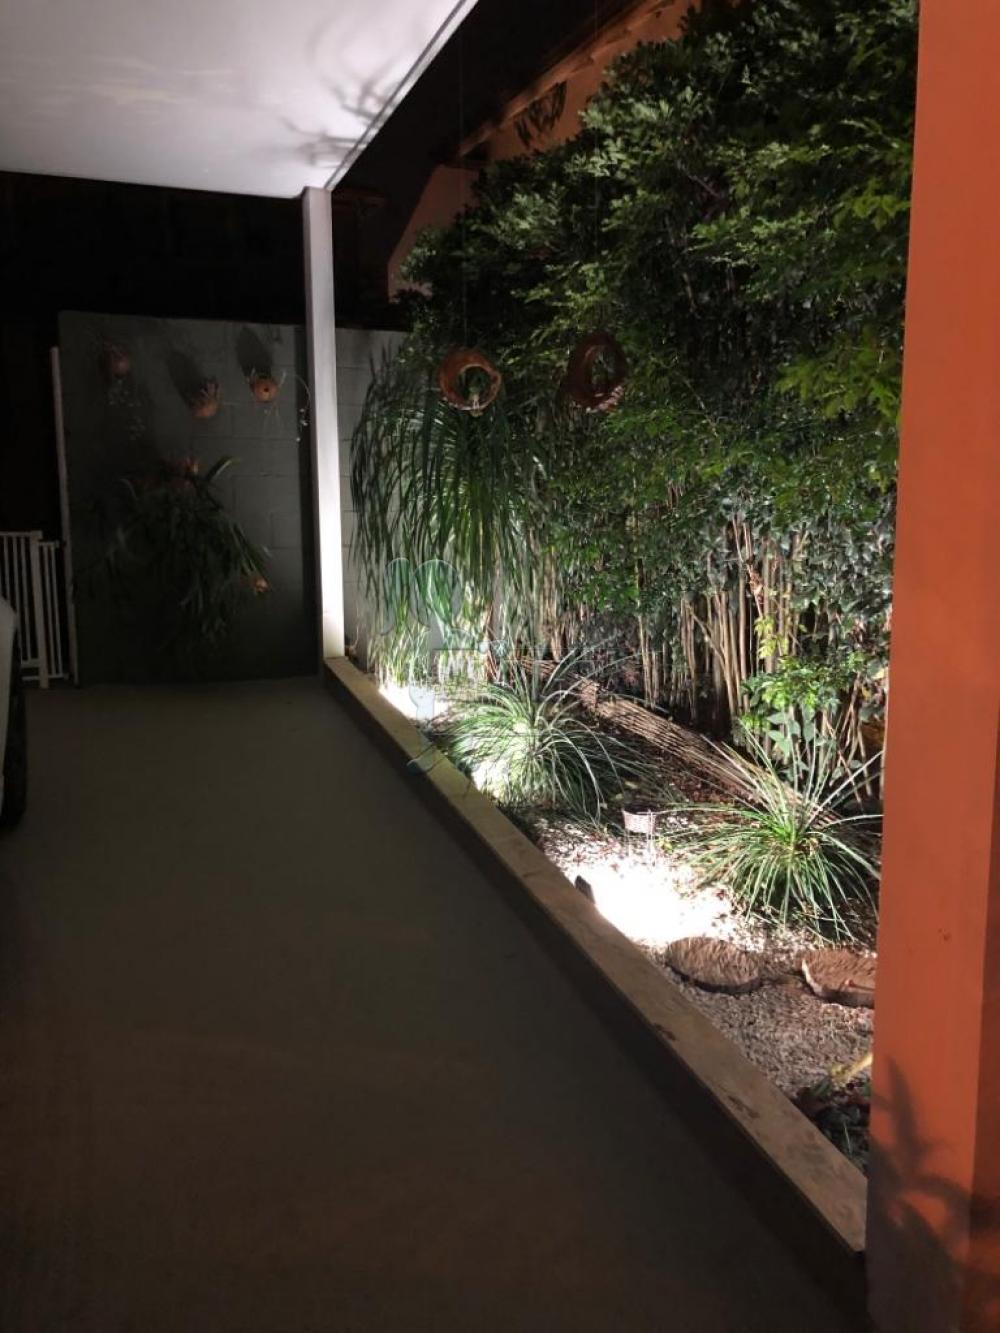 Comprar Casas / Condomínio em Ribeirão Preto apenas R$ 455.000,00 - Foto 16